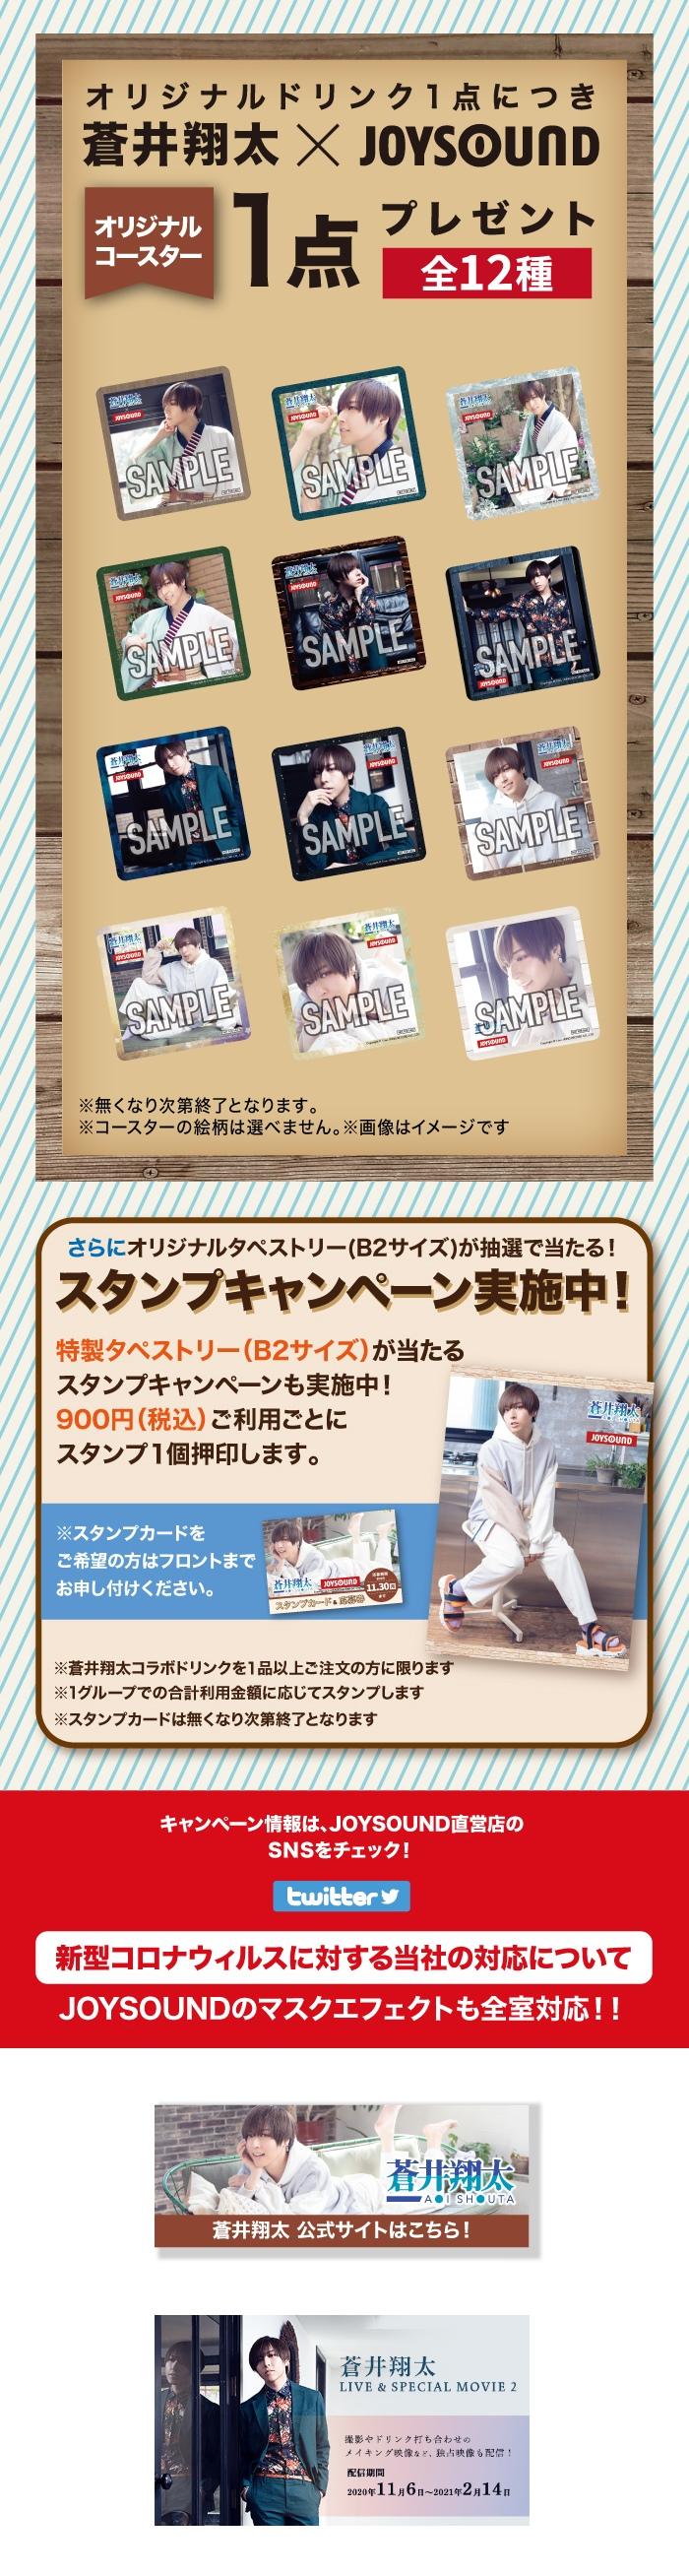 蒼井翔太×JOYSOUND直営店コラボキャンペーン2020コラボコースター